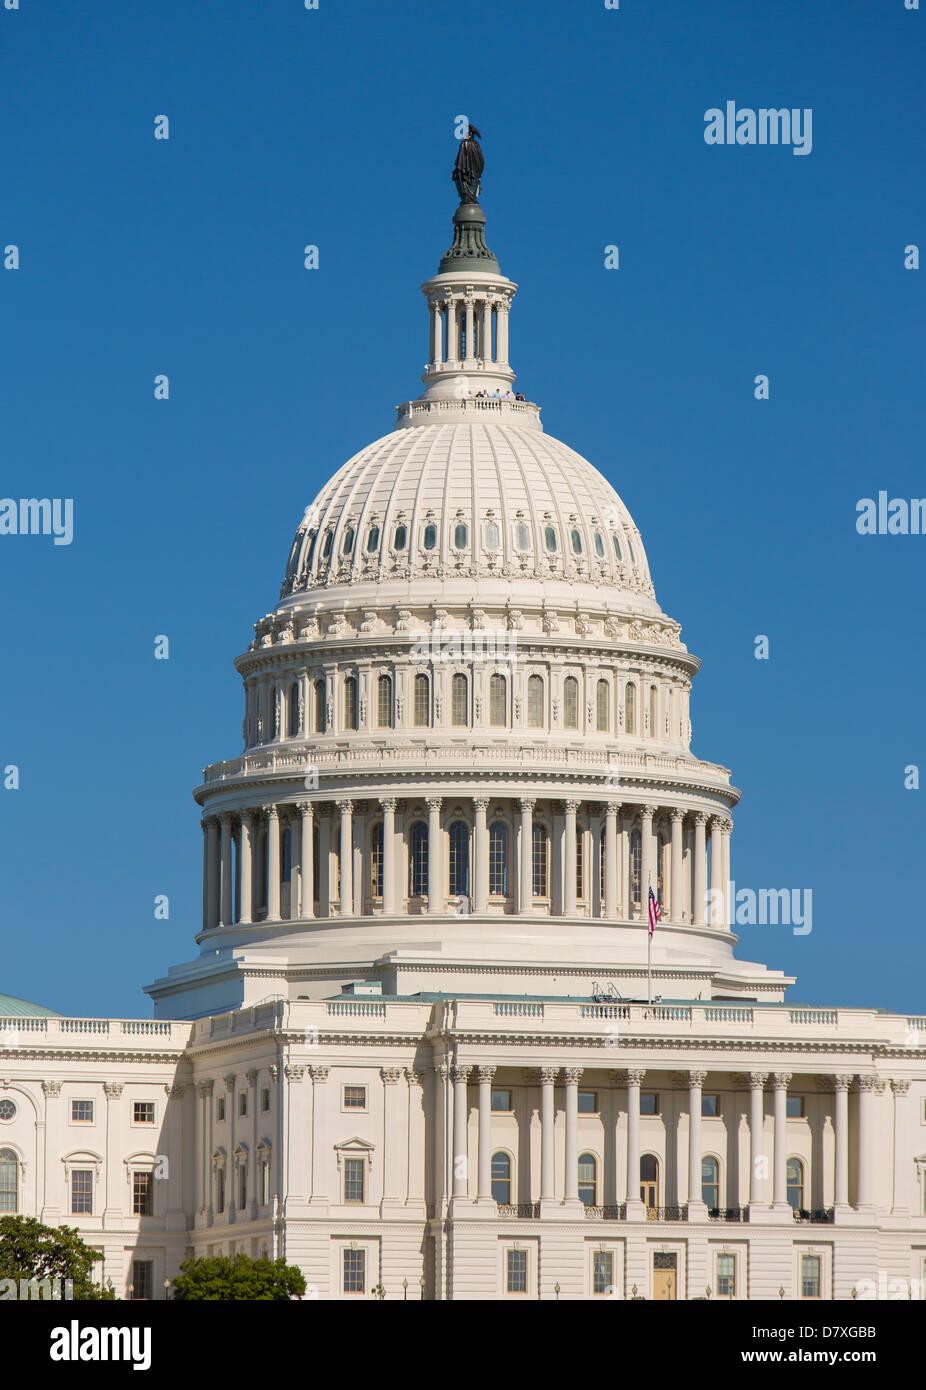 WASHINGTON, DC, USA - United States Capitol building. - Stock Image